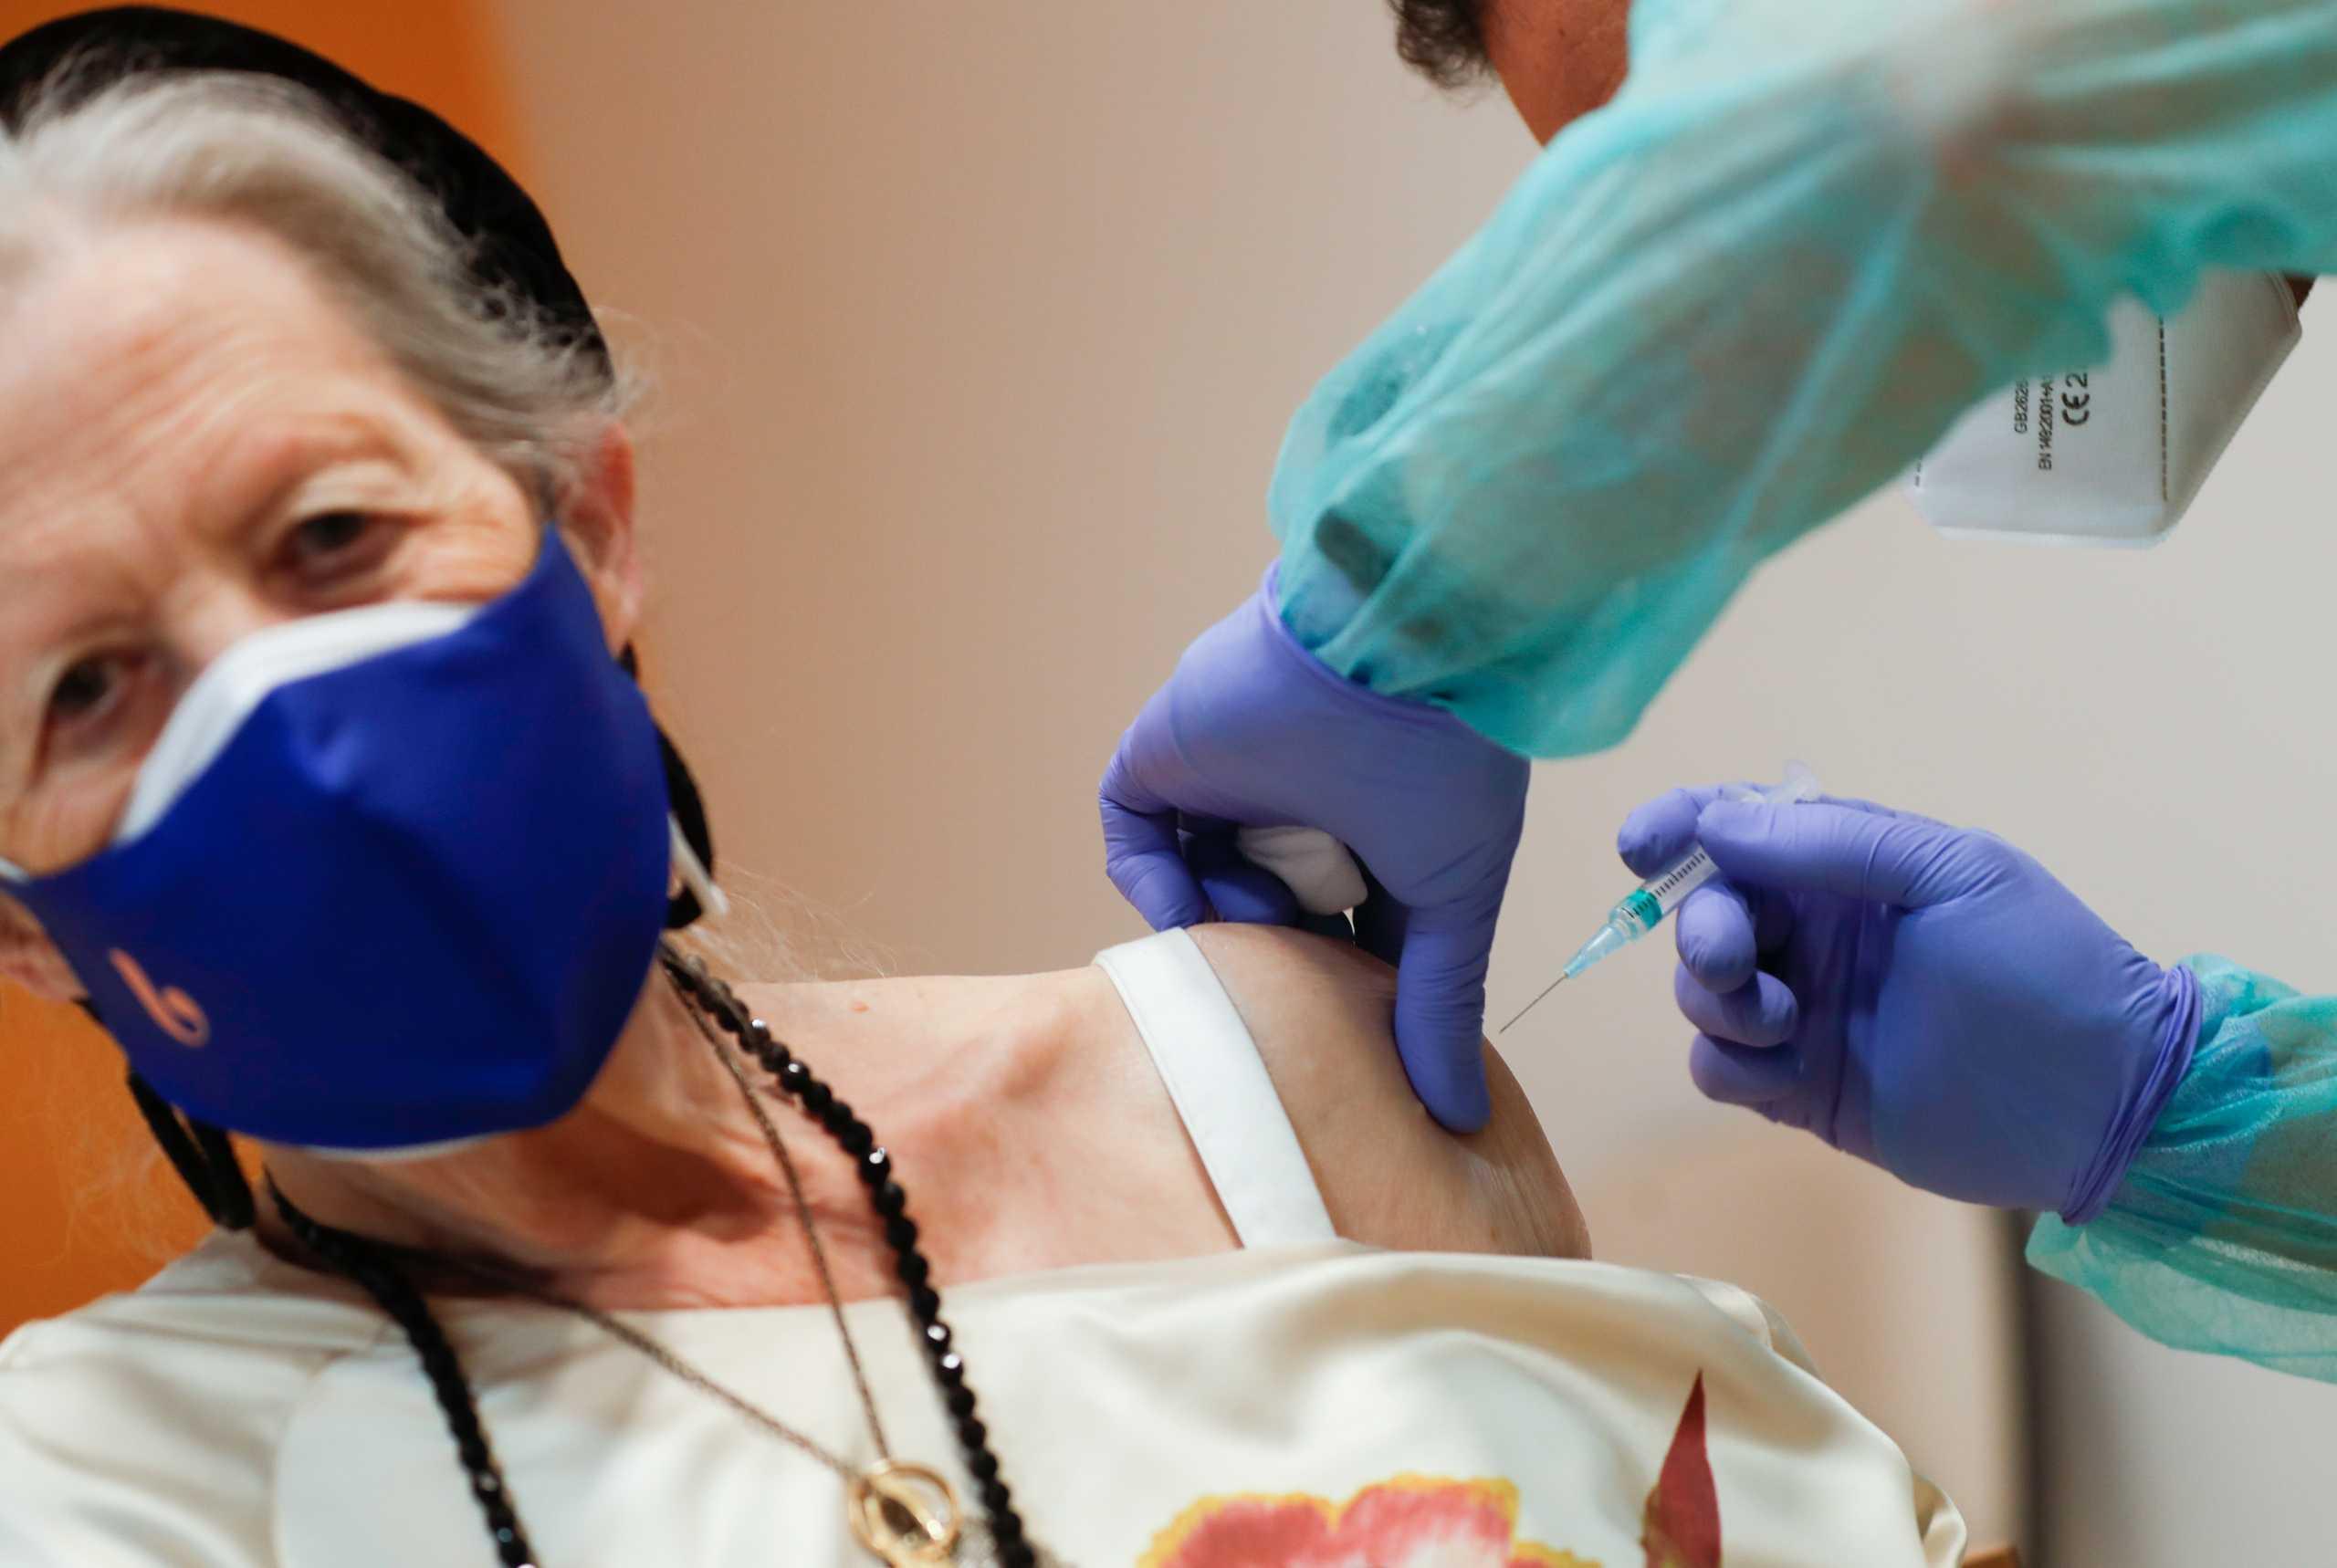 Ισπανία: Δεν αλλάζει το πρόγραμμα των εμβολιασμών παρά την απόφαση για την AstraZeneca